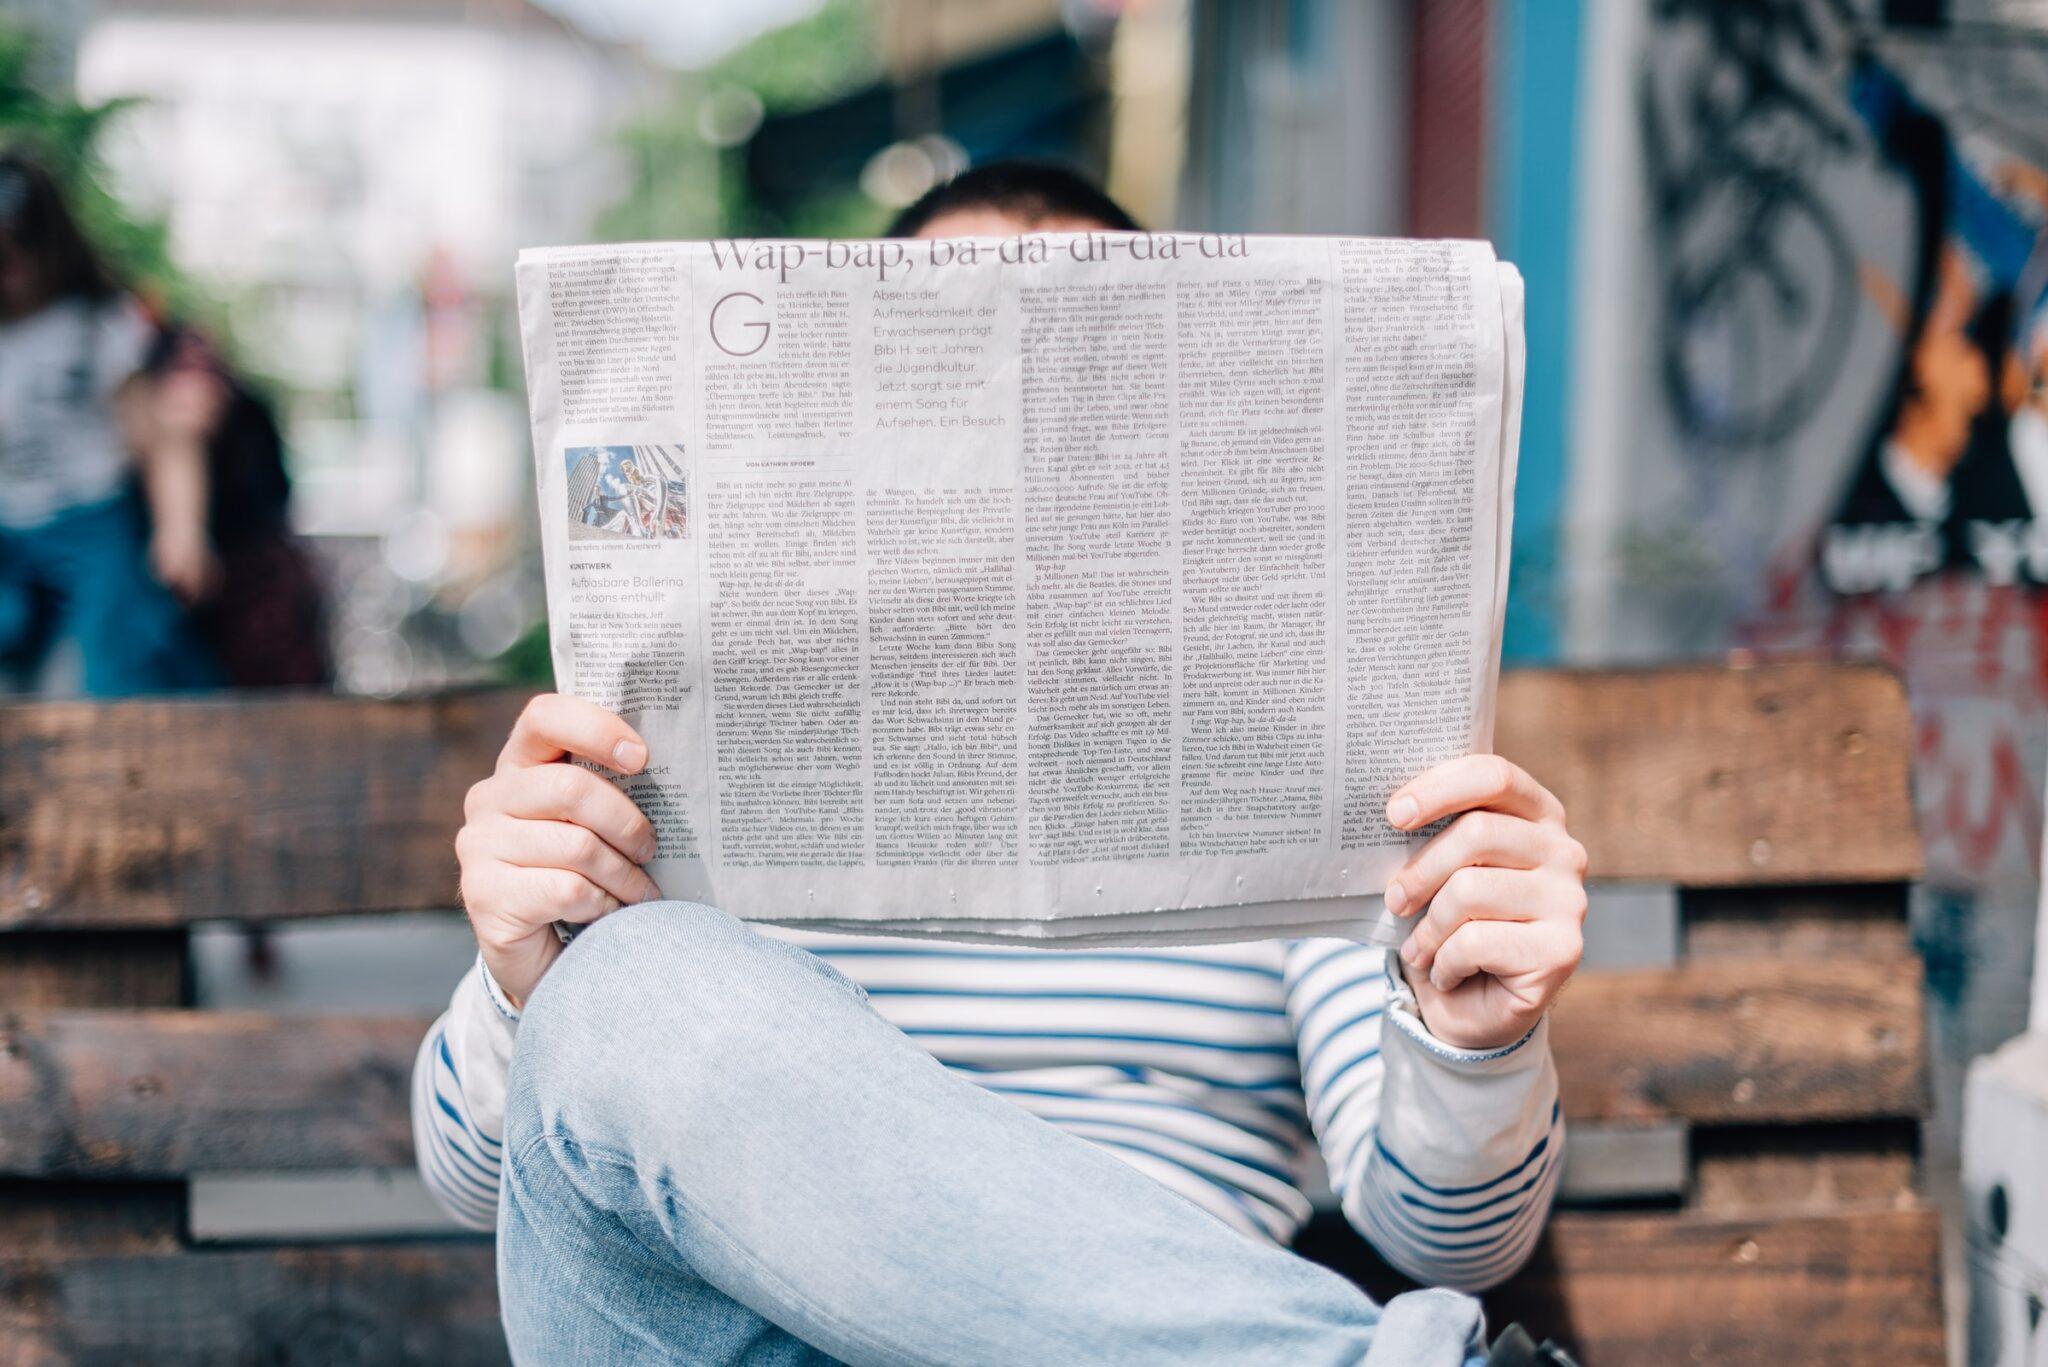 Ein Mann liest auf einer Holzbank eine Zeitung